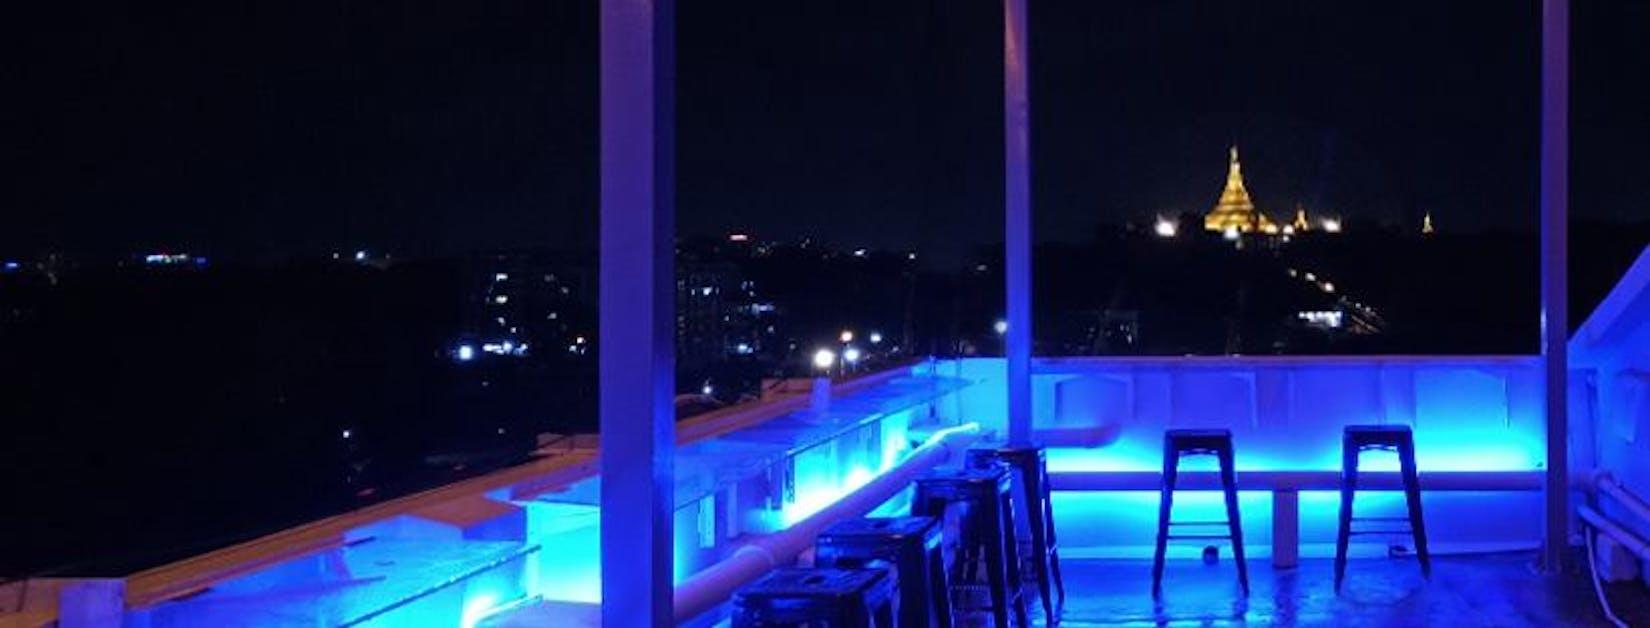 Sapphire Lounge & Bar Yangon   yathar